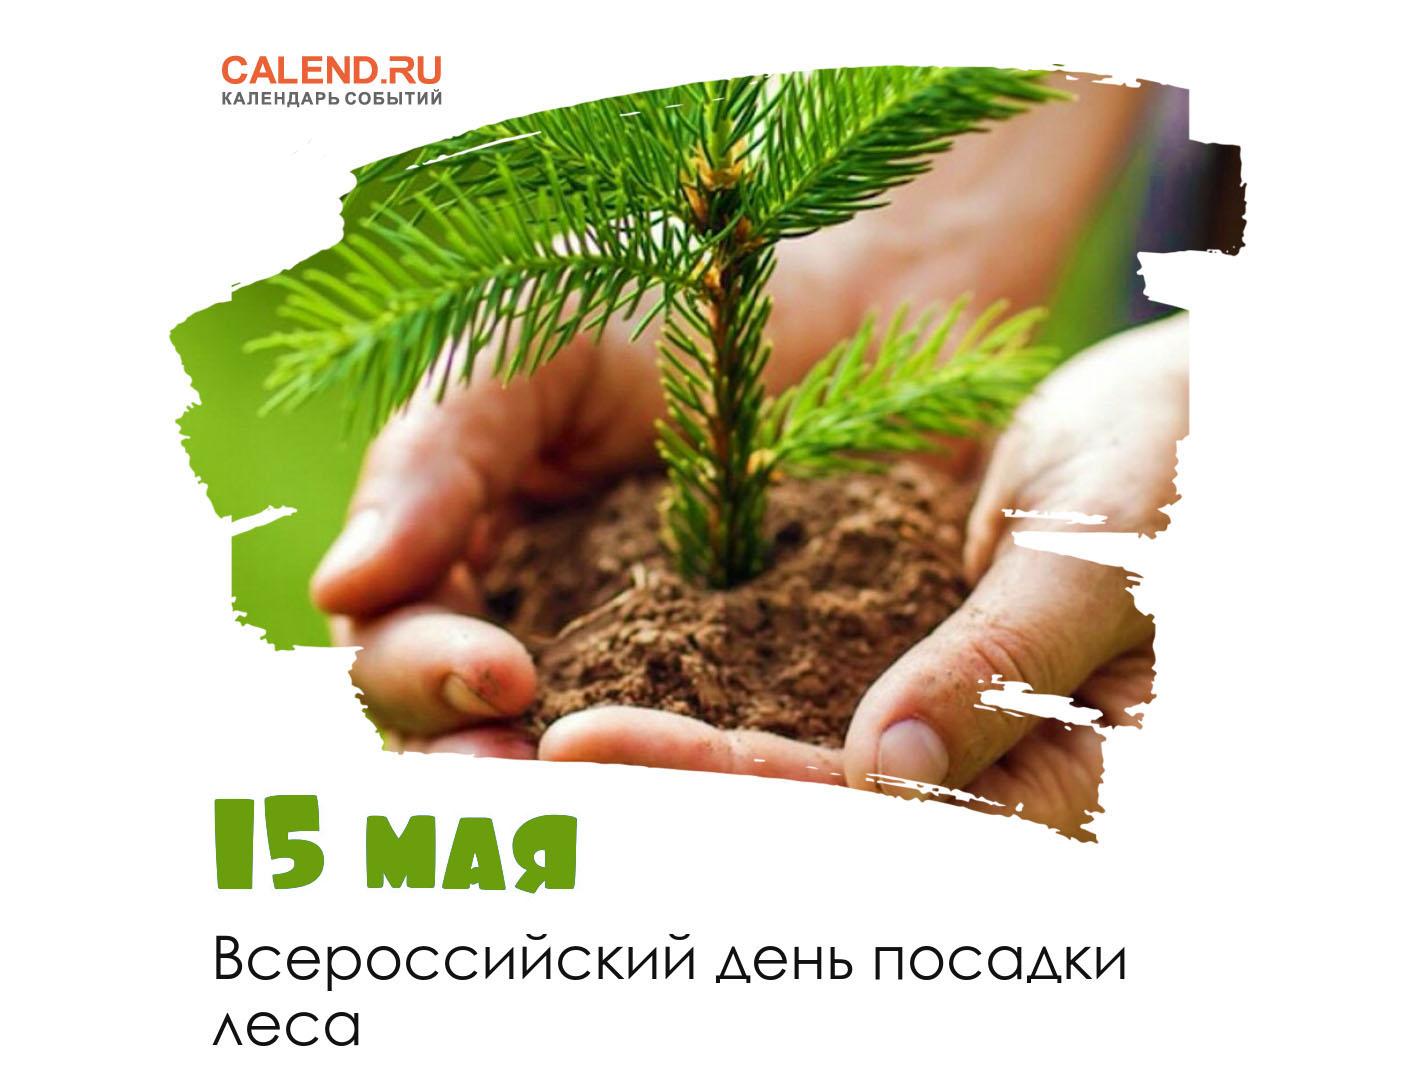 15 мая - Всероссийский день посадки леса